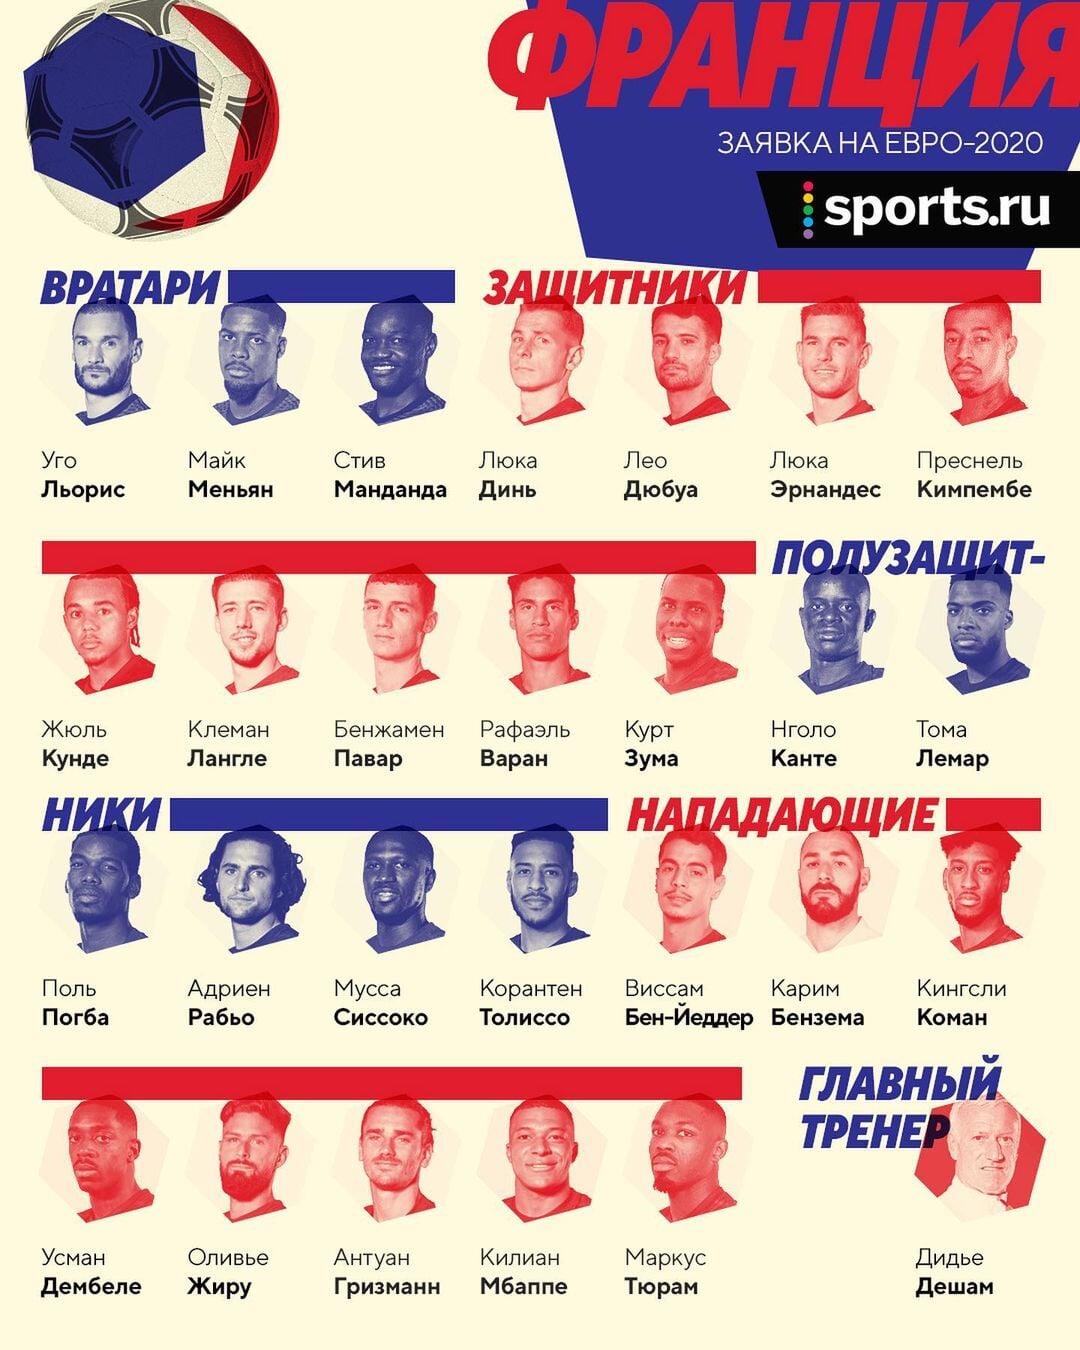 Гид по сборным Евро-2020: игровой стиль, звезды и история